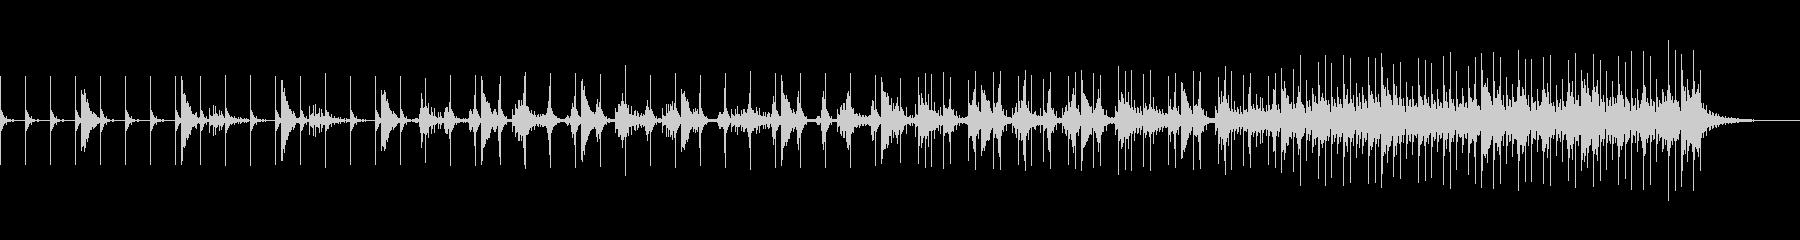 和風メロディーのコンテンポラリーBGMの未再生の波形